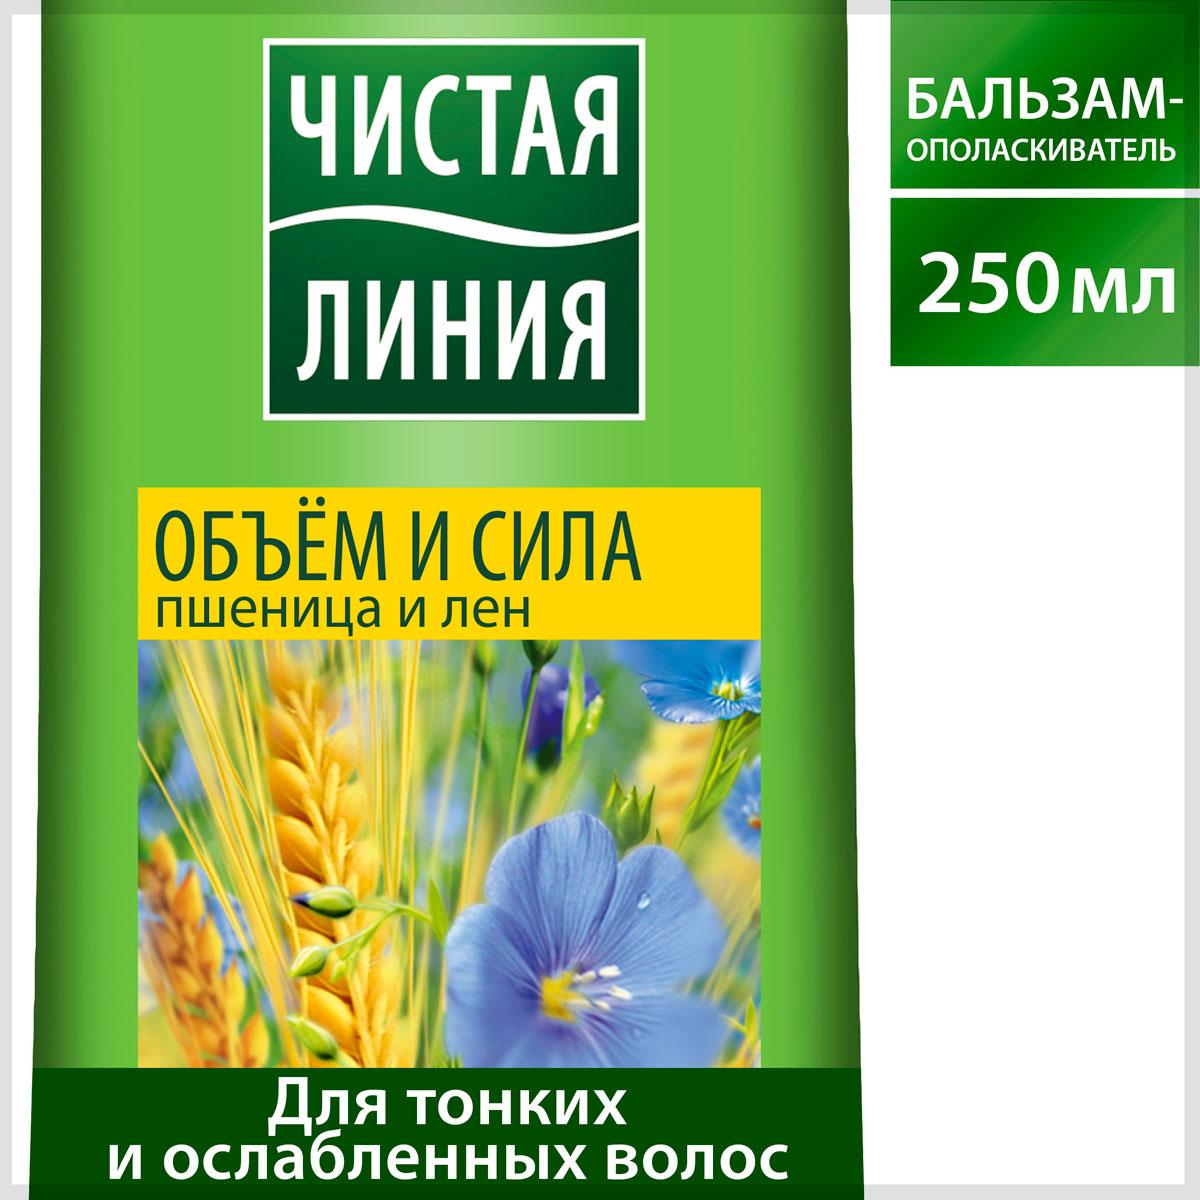 Чистая Линия Бальзам-ополаскиватель для тонких и ослабленных волос Объём и сила Пшеница и лен 250 мл